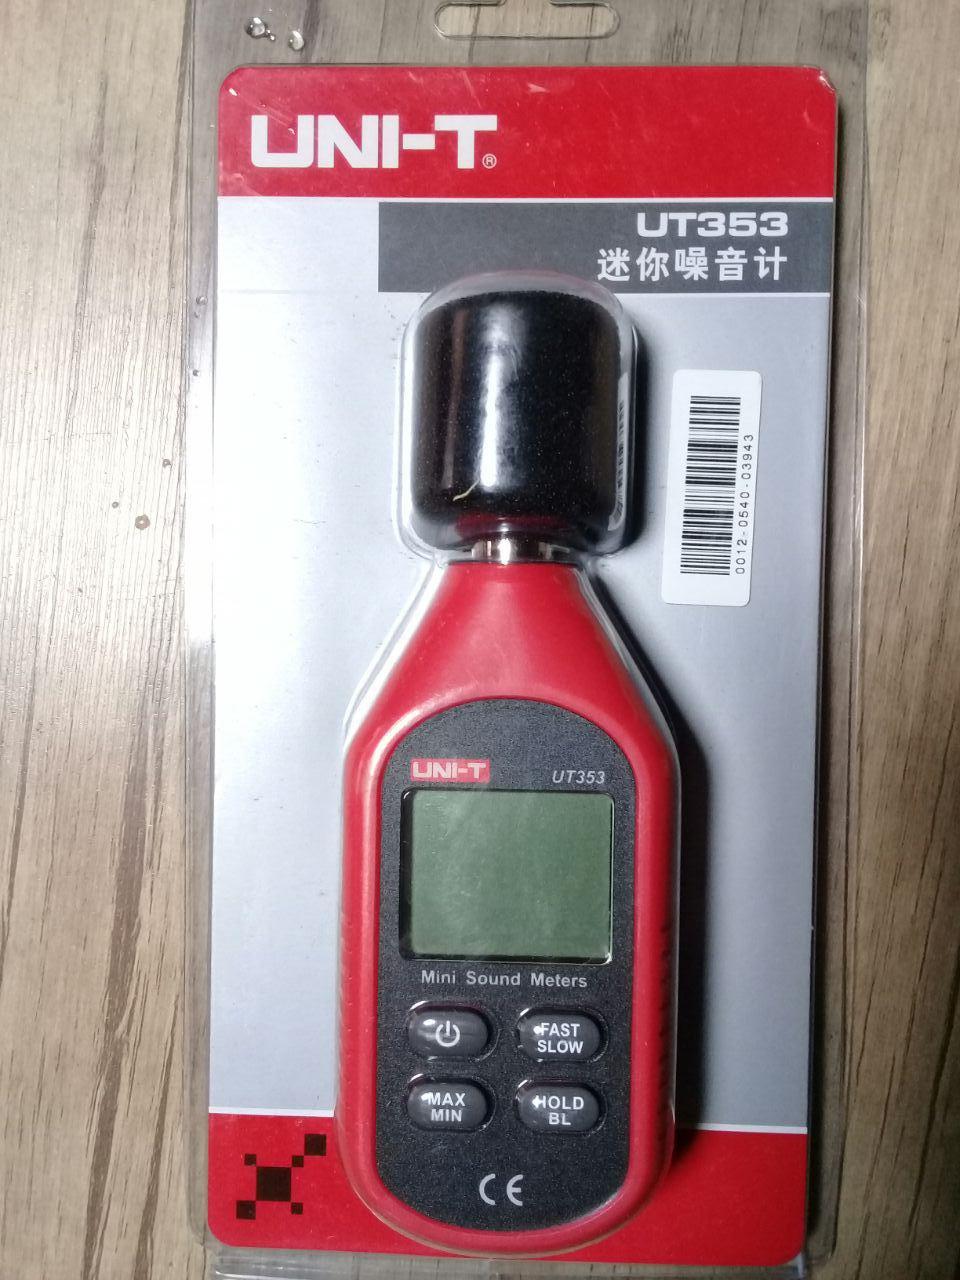 دستگاه تست صدا با تشخیص 30 تا 130 دسی بل uni-t مدل ut353